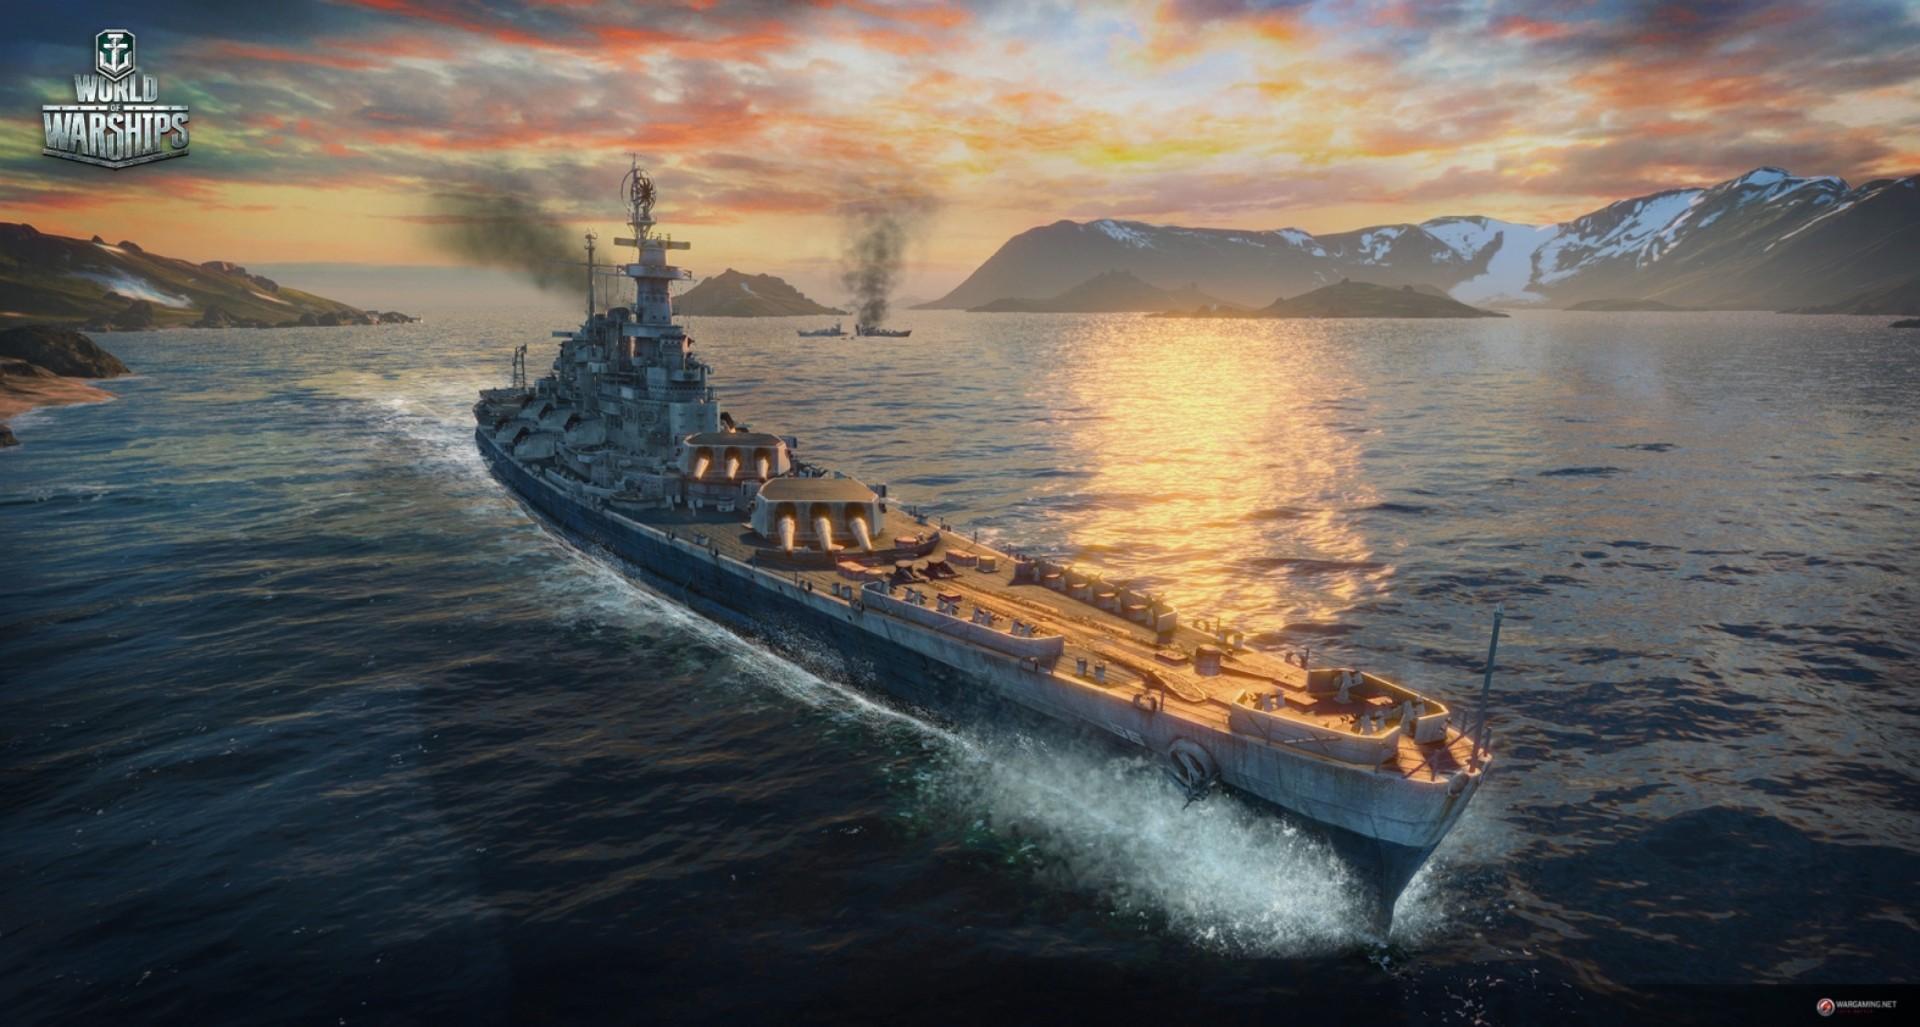 Скриншот World of Warships v0.5.5.2 скачать торрентом